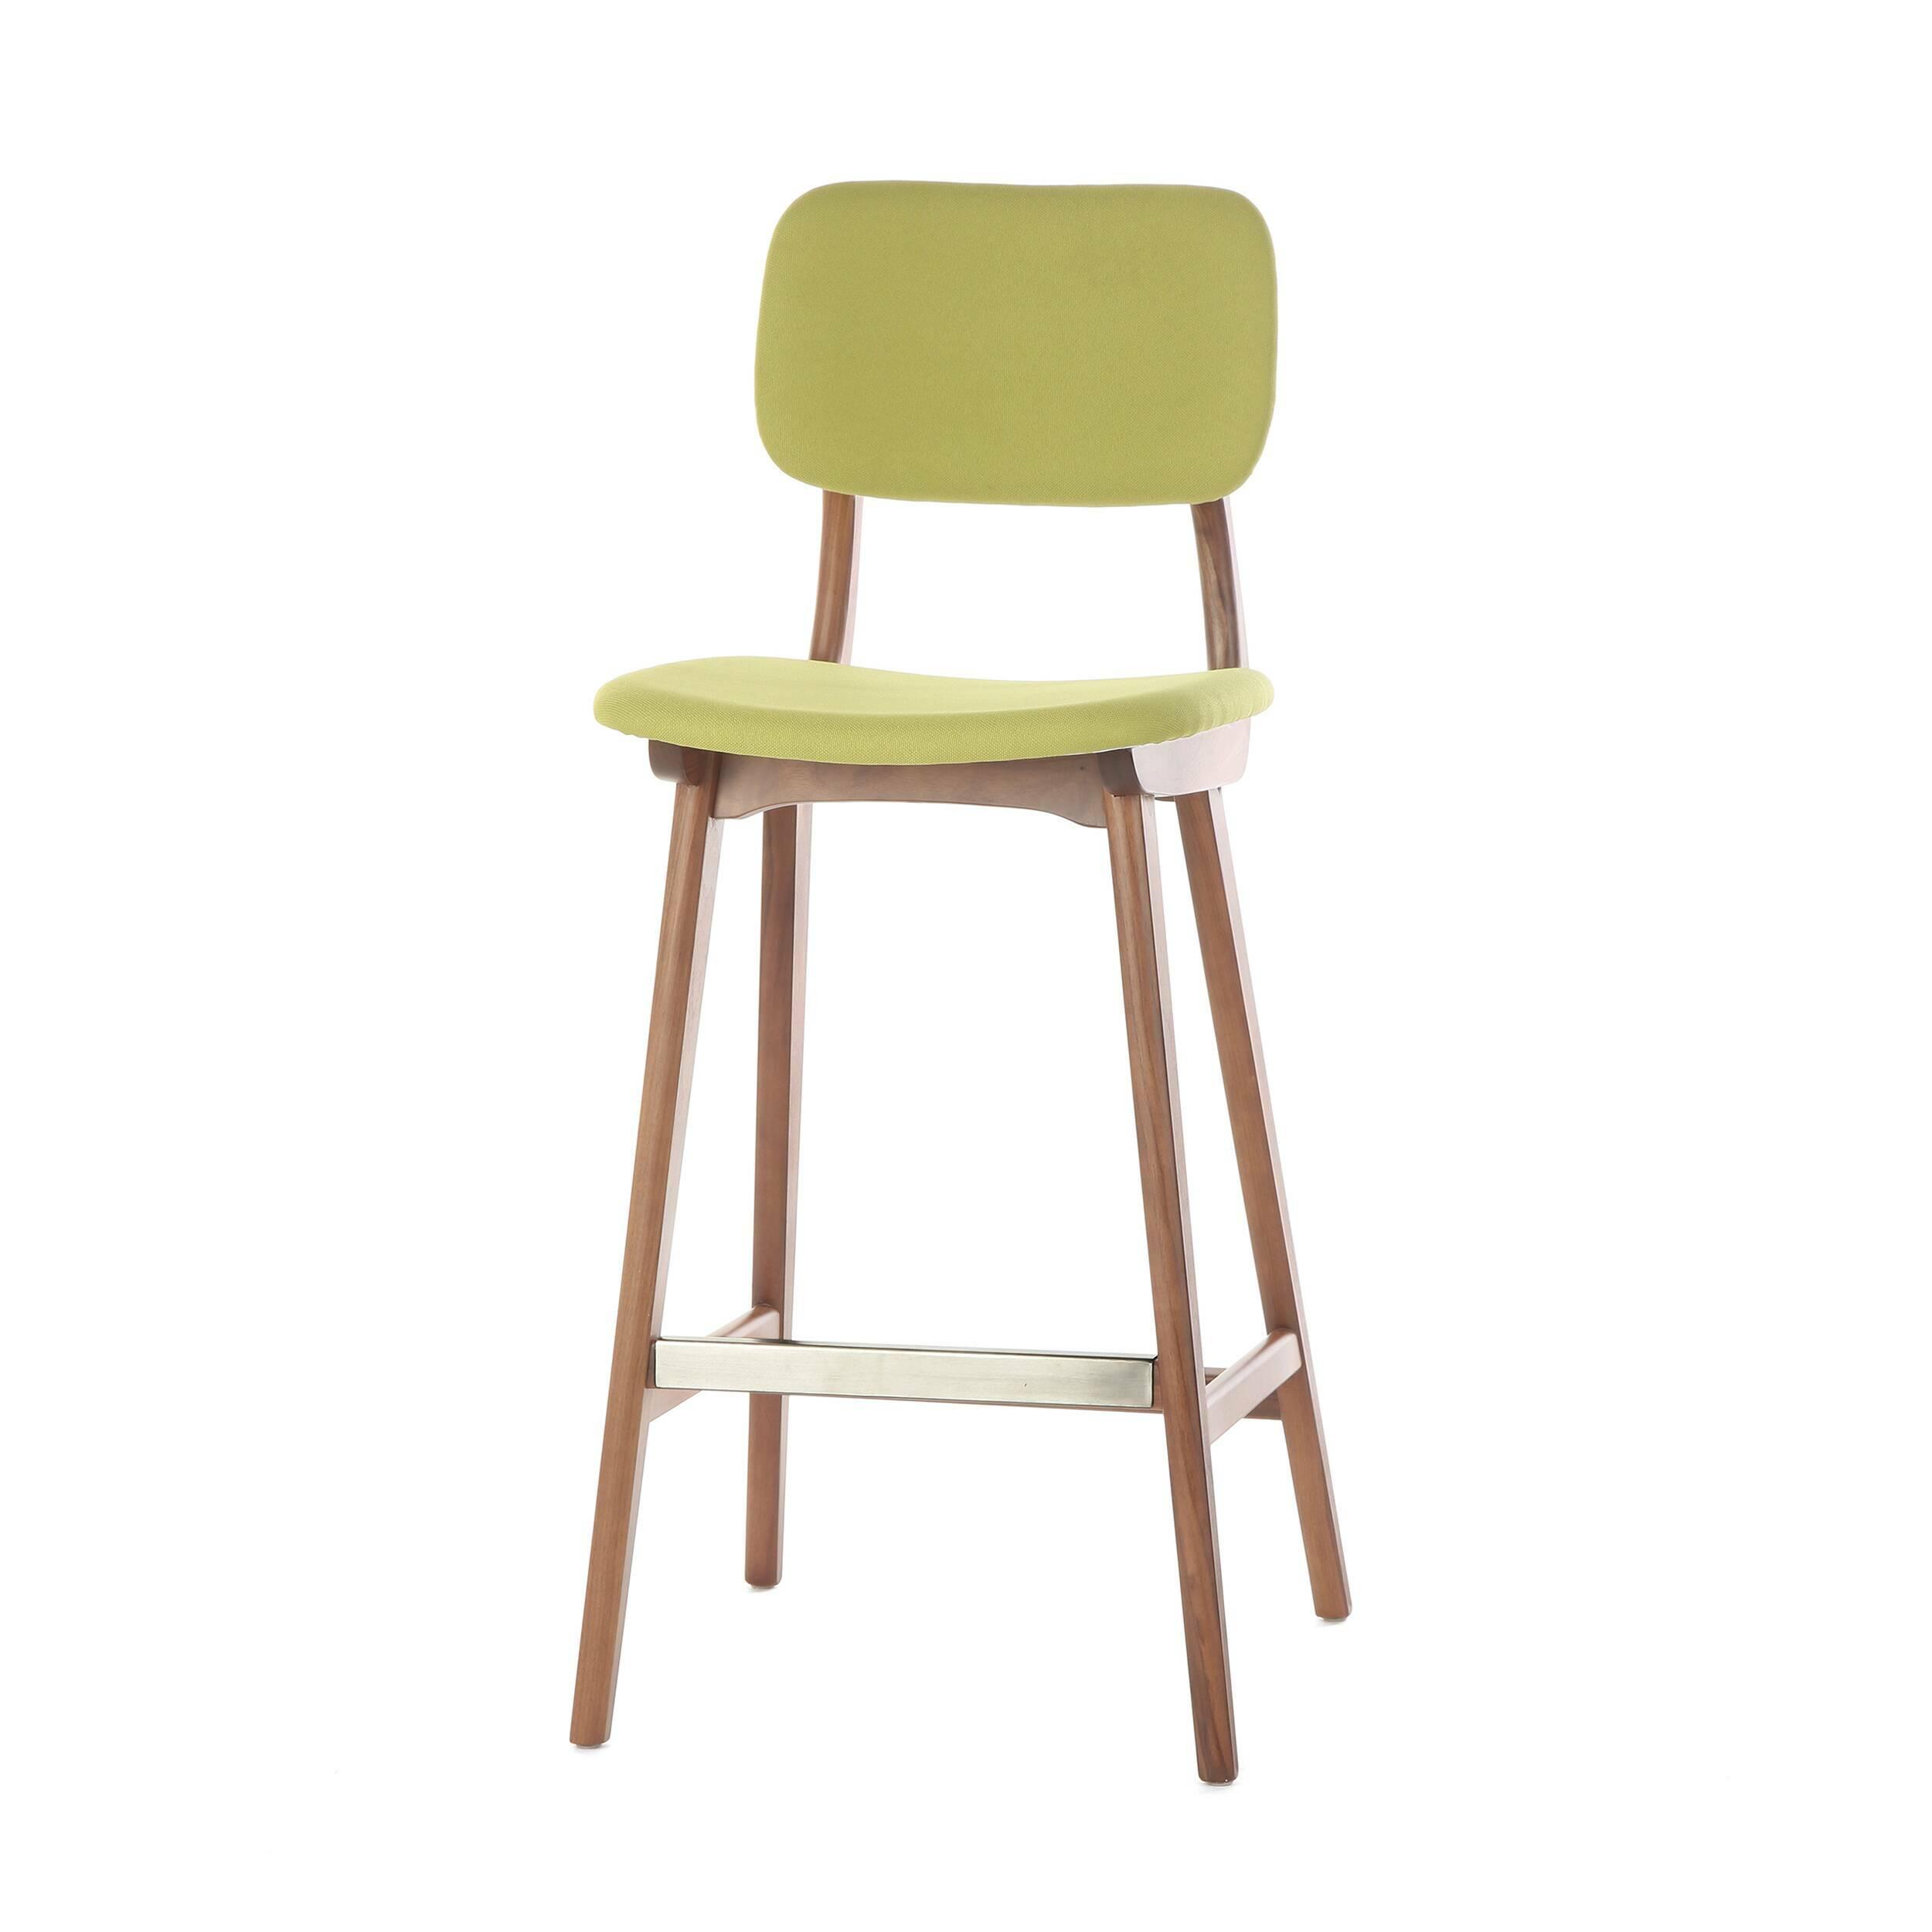 Барный стул Civil 2Барные<br>Простой дизайн и комфорт, стиль и изящество элитного дерева — все это сочетается в представленном здесь барном стуле Civil 2. Этот стул будет прекрасно смотреться не только в офисе или кабинете, но также подойдет и в квартиру. Благодаря двум вариантам обивки, имеющимся в наличии, вы сможете подобрать стул, который подойдет именно вашему интерьеру.<br><br><br> В качестве основного материала для изготовления этих стульев используется высококачественная, невероятно прочная древесина американского...<br><br>stock: 3<br>Высота: 100<br>Высота сиденья: 76<br>Ширина: 45<br>Глубина: 54,5<br>Материал каркаса: Массив ореха<br>Тип материала каркаса: Дерево<br>Материал сидения: Полиэстер<br>Цвет сидения: Зеленый<br>Тип материала сидения: Ткань<br>Коллекция ткани: Gabriel Fabric<br>Цвет каркаса: Орех